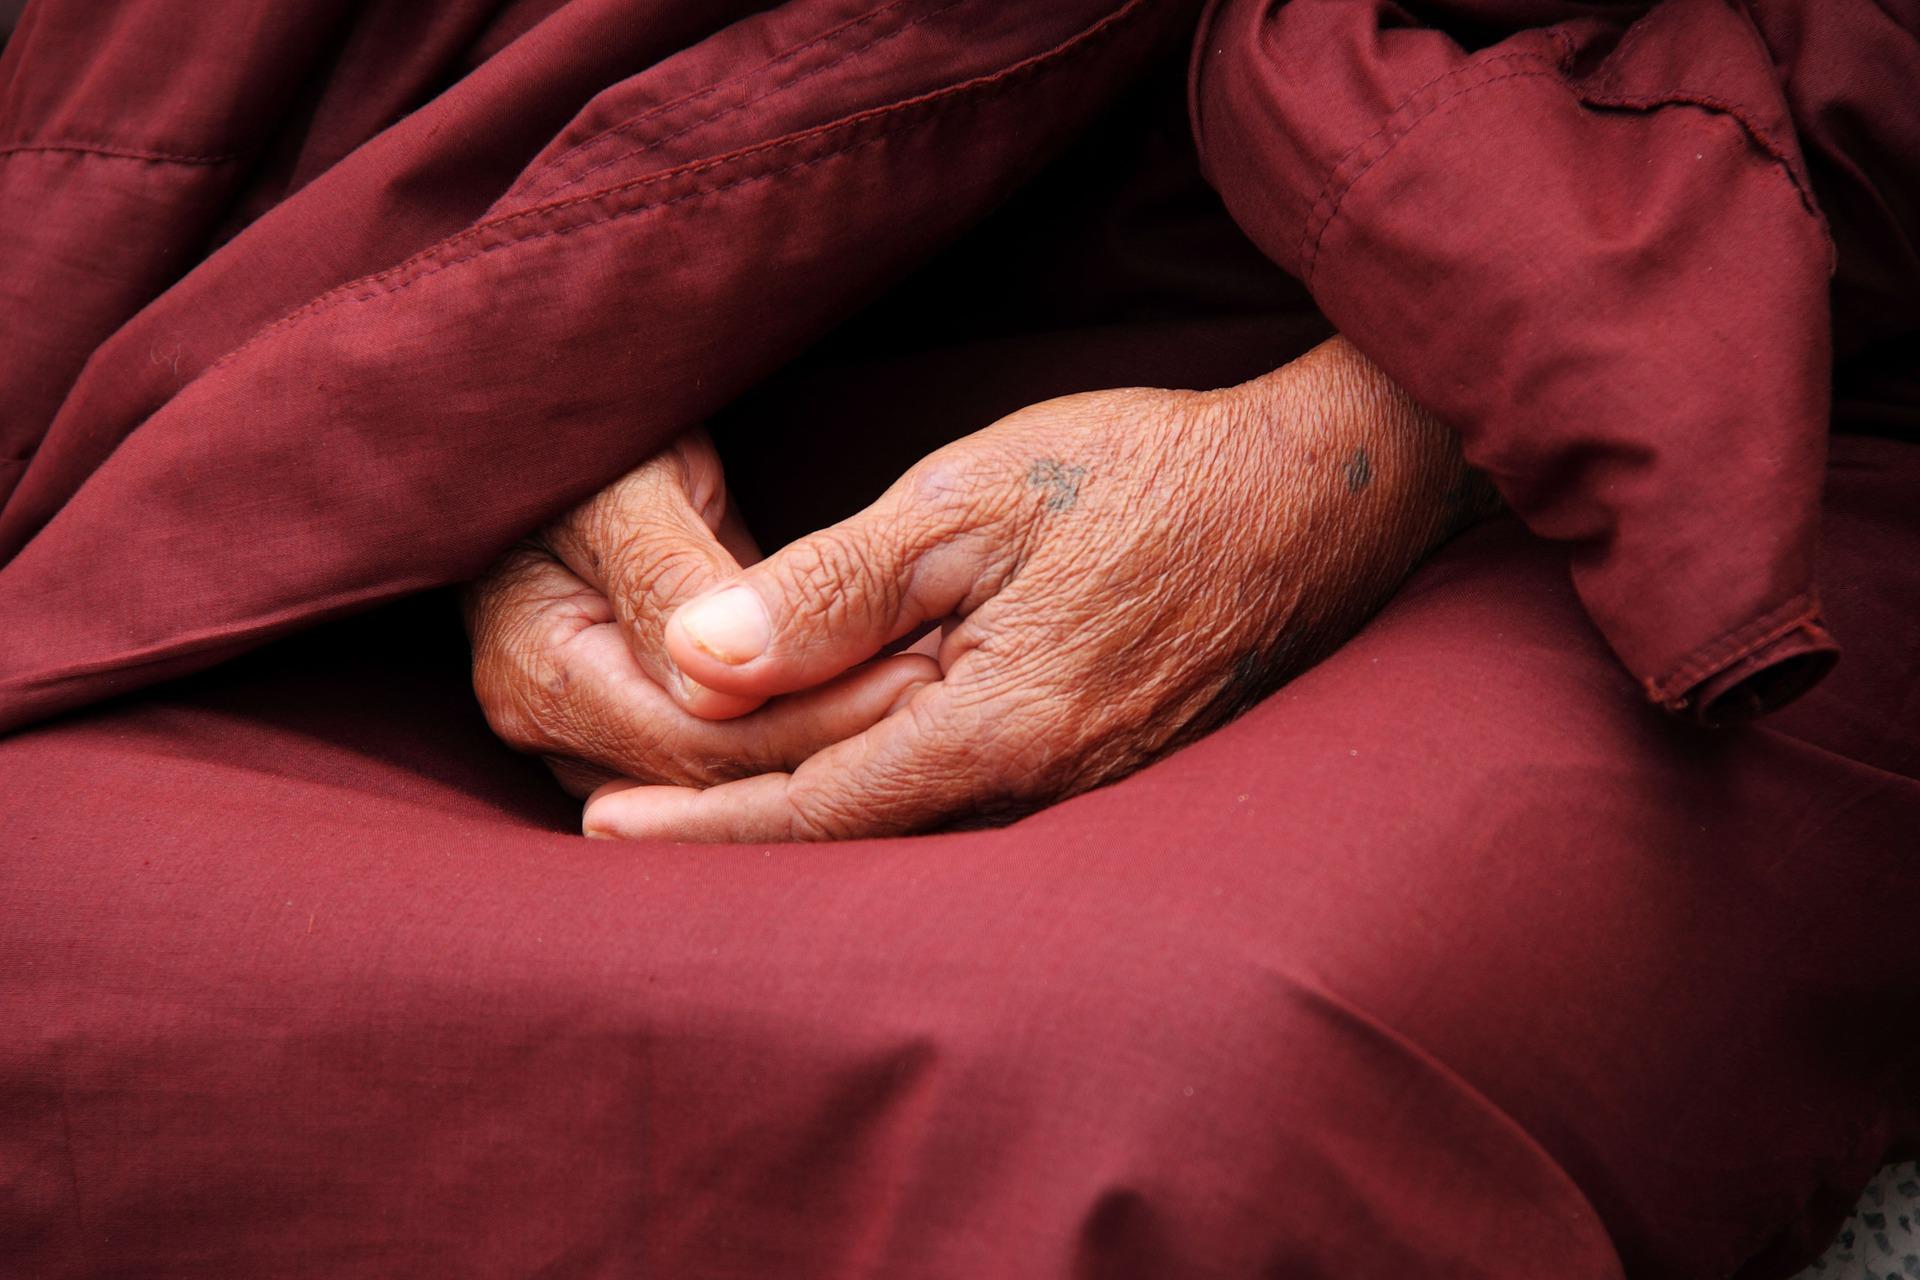 Arthritis Of The Hands